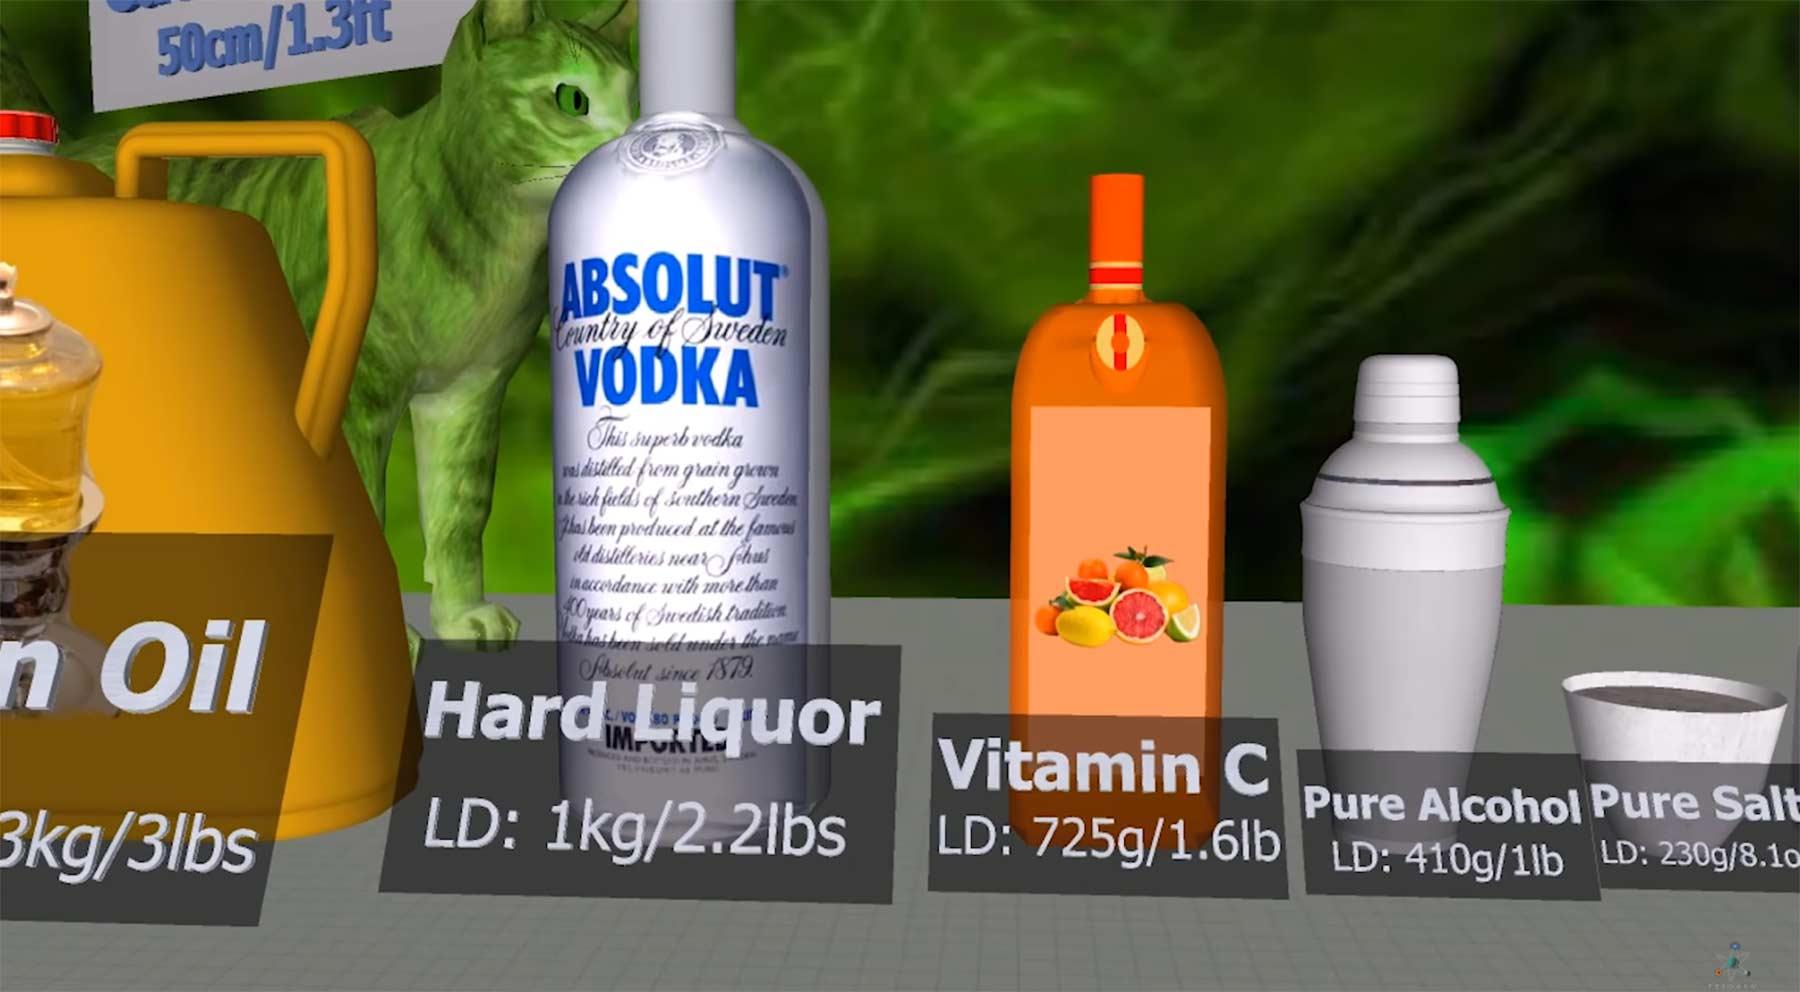 Die giftigsten Dinge der Welt Toxicity-Comparison